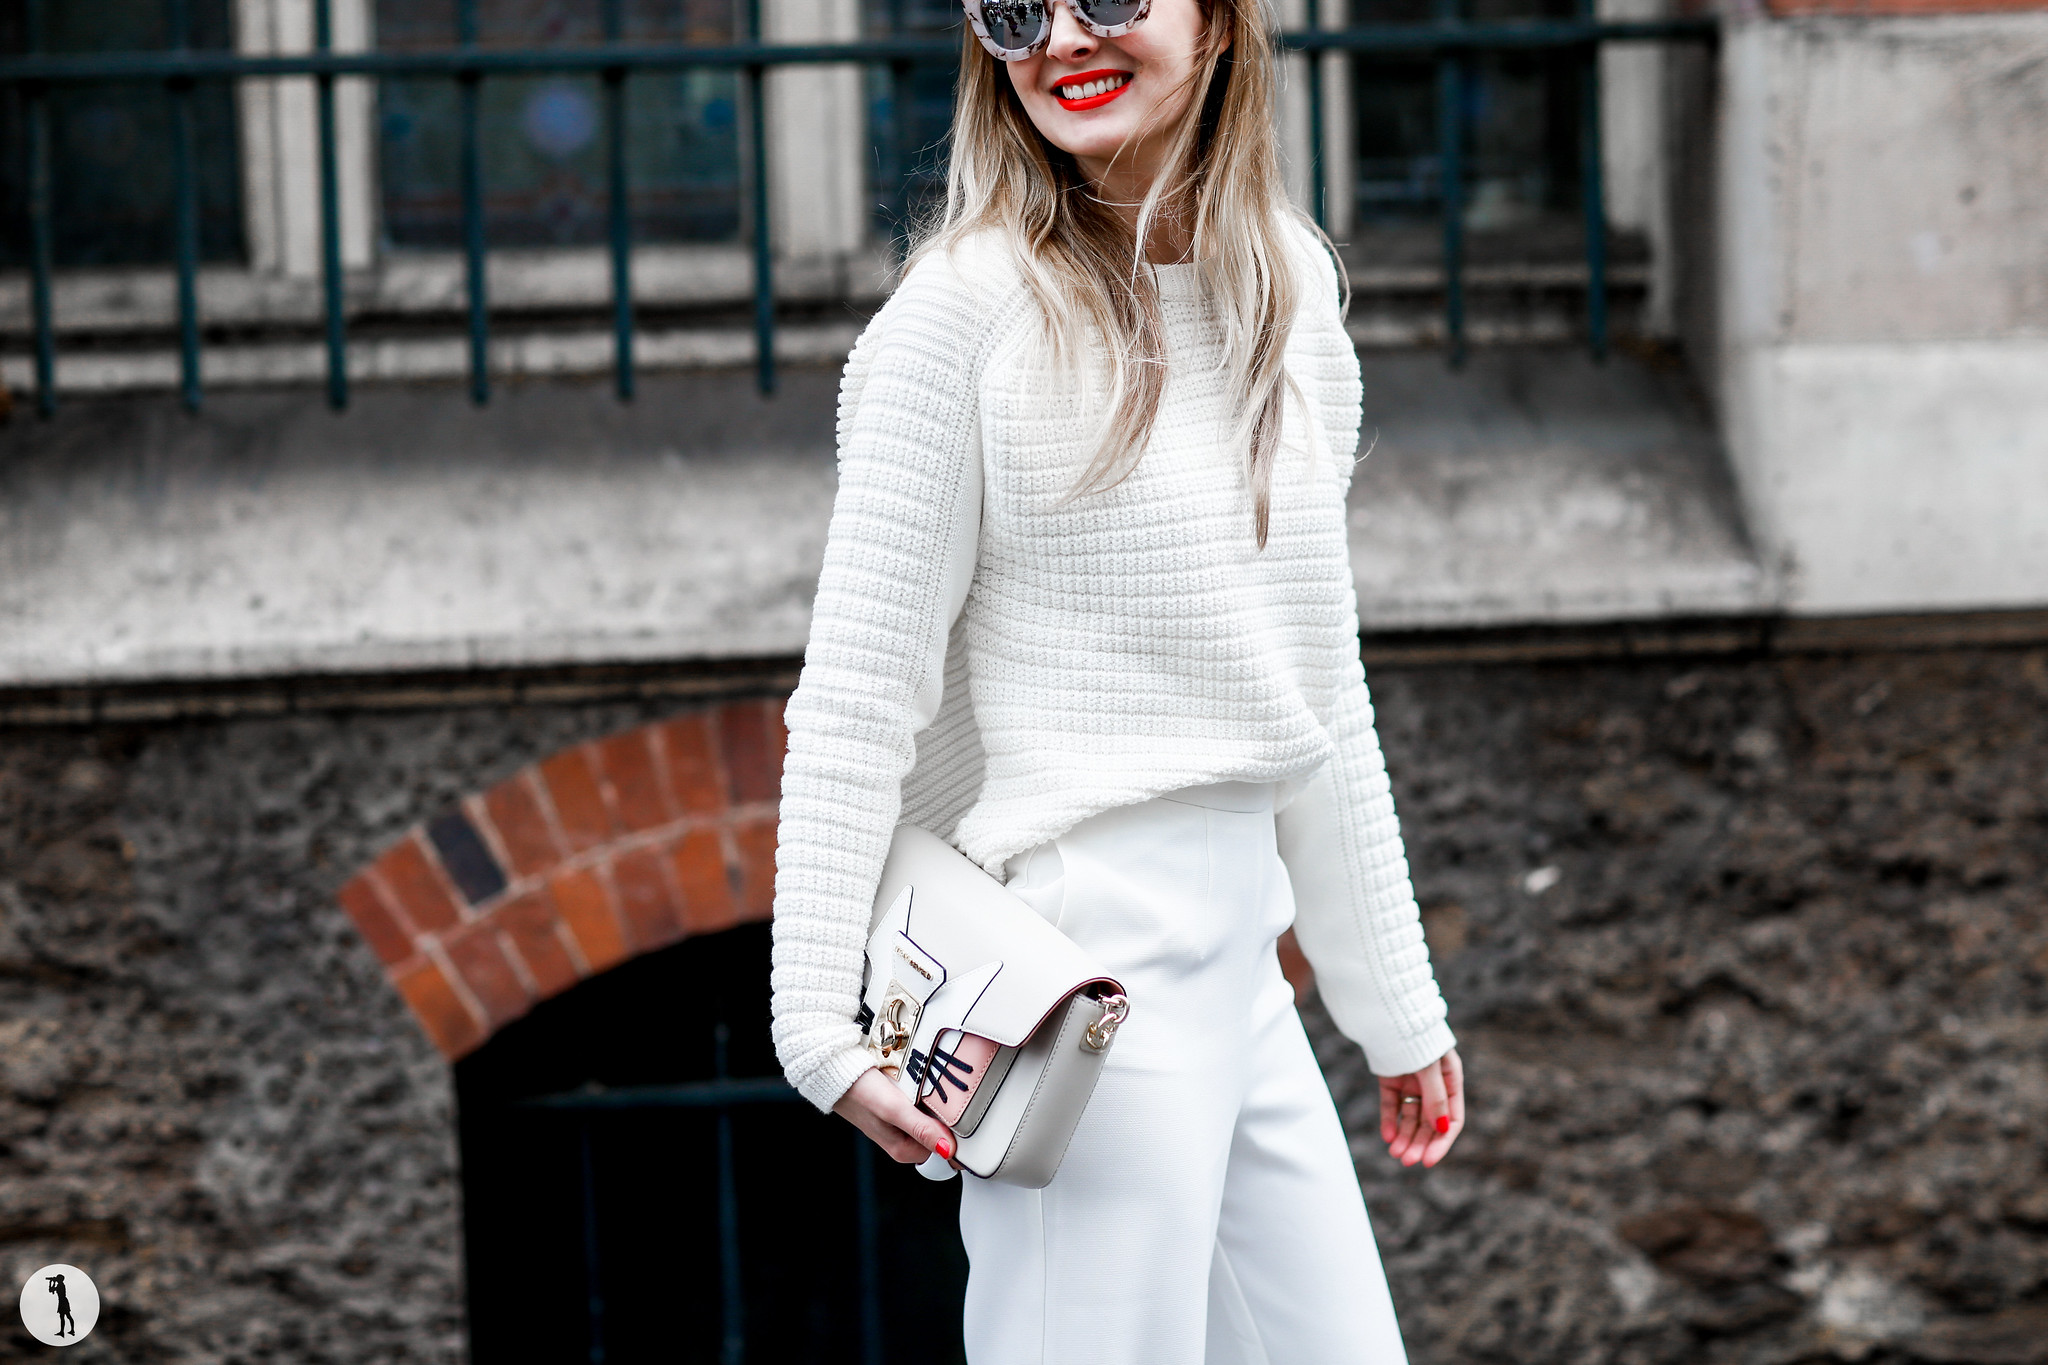 Sandra Kleine Staarman - Paris Fashion Week RDT FW16-17 (3)